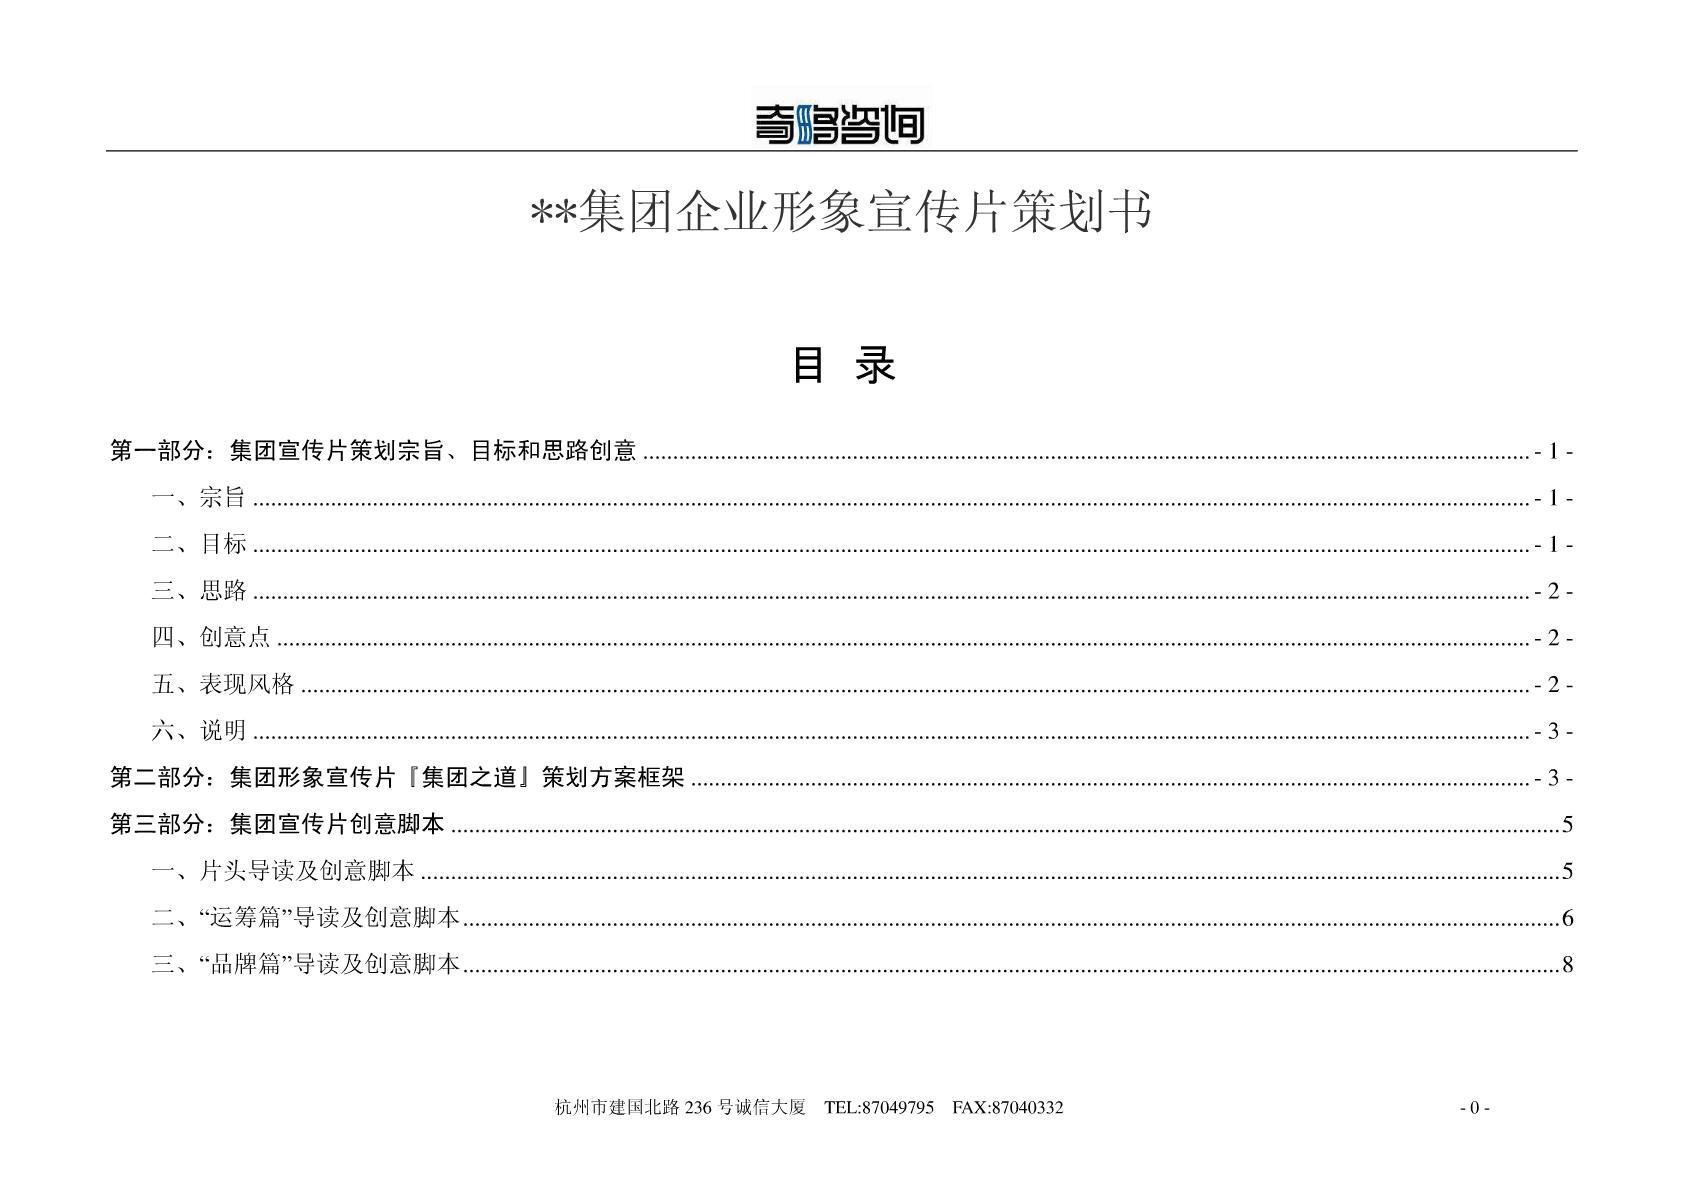 集团企业形象宣传片策划书 免费